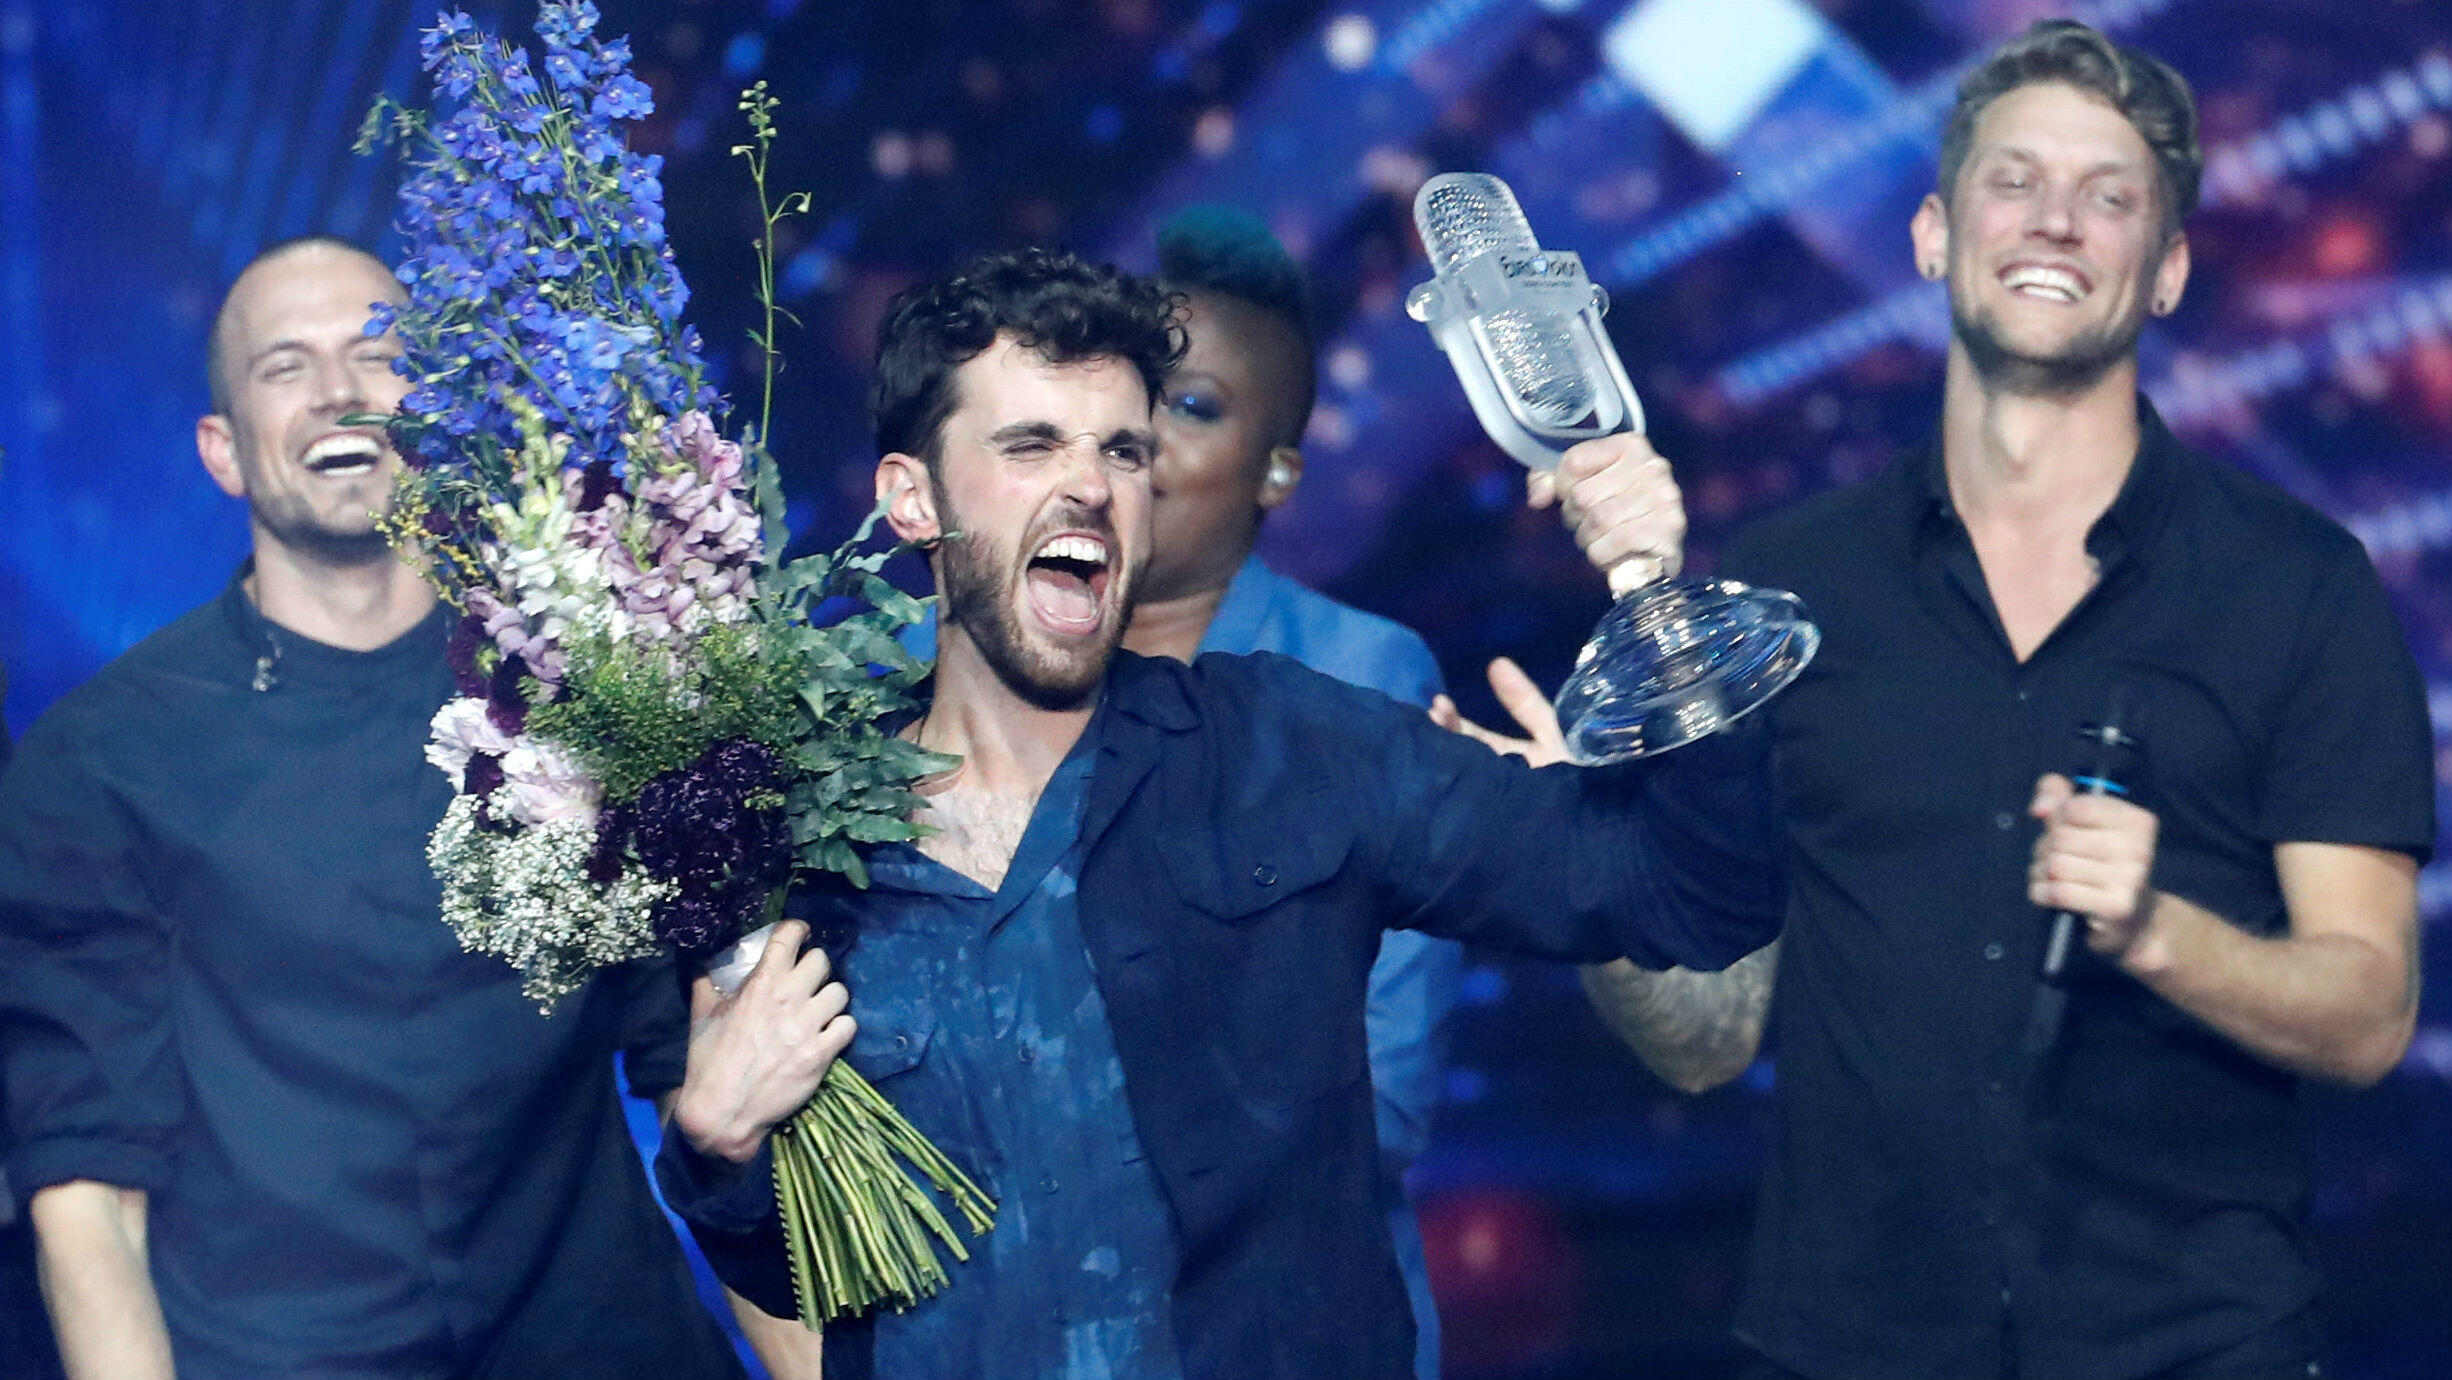 Duncan Laurence de Países Bajos reacciona después de ganar el Festival de la Canción de Eurovisión 2019 en Tel Aviv, Israel, el 19 de mayo de 2019.